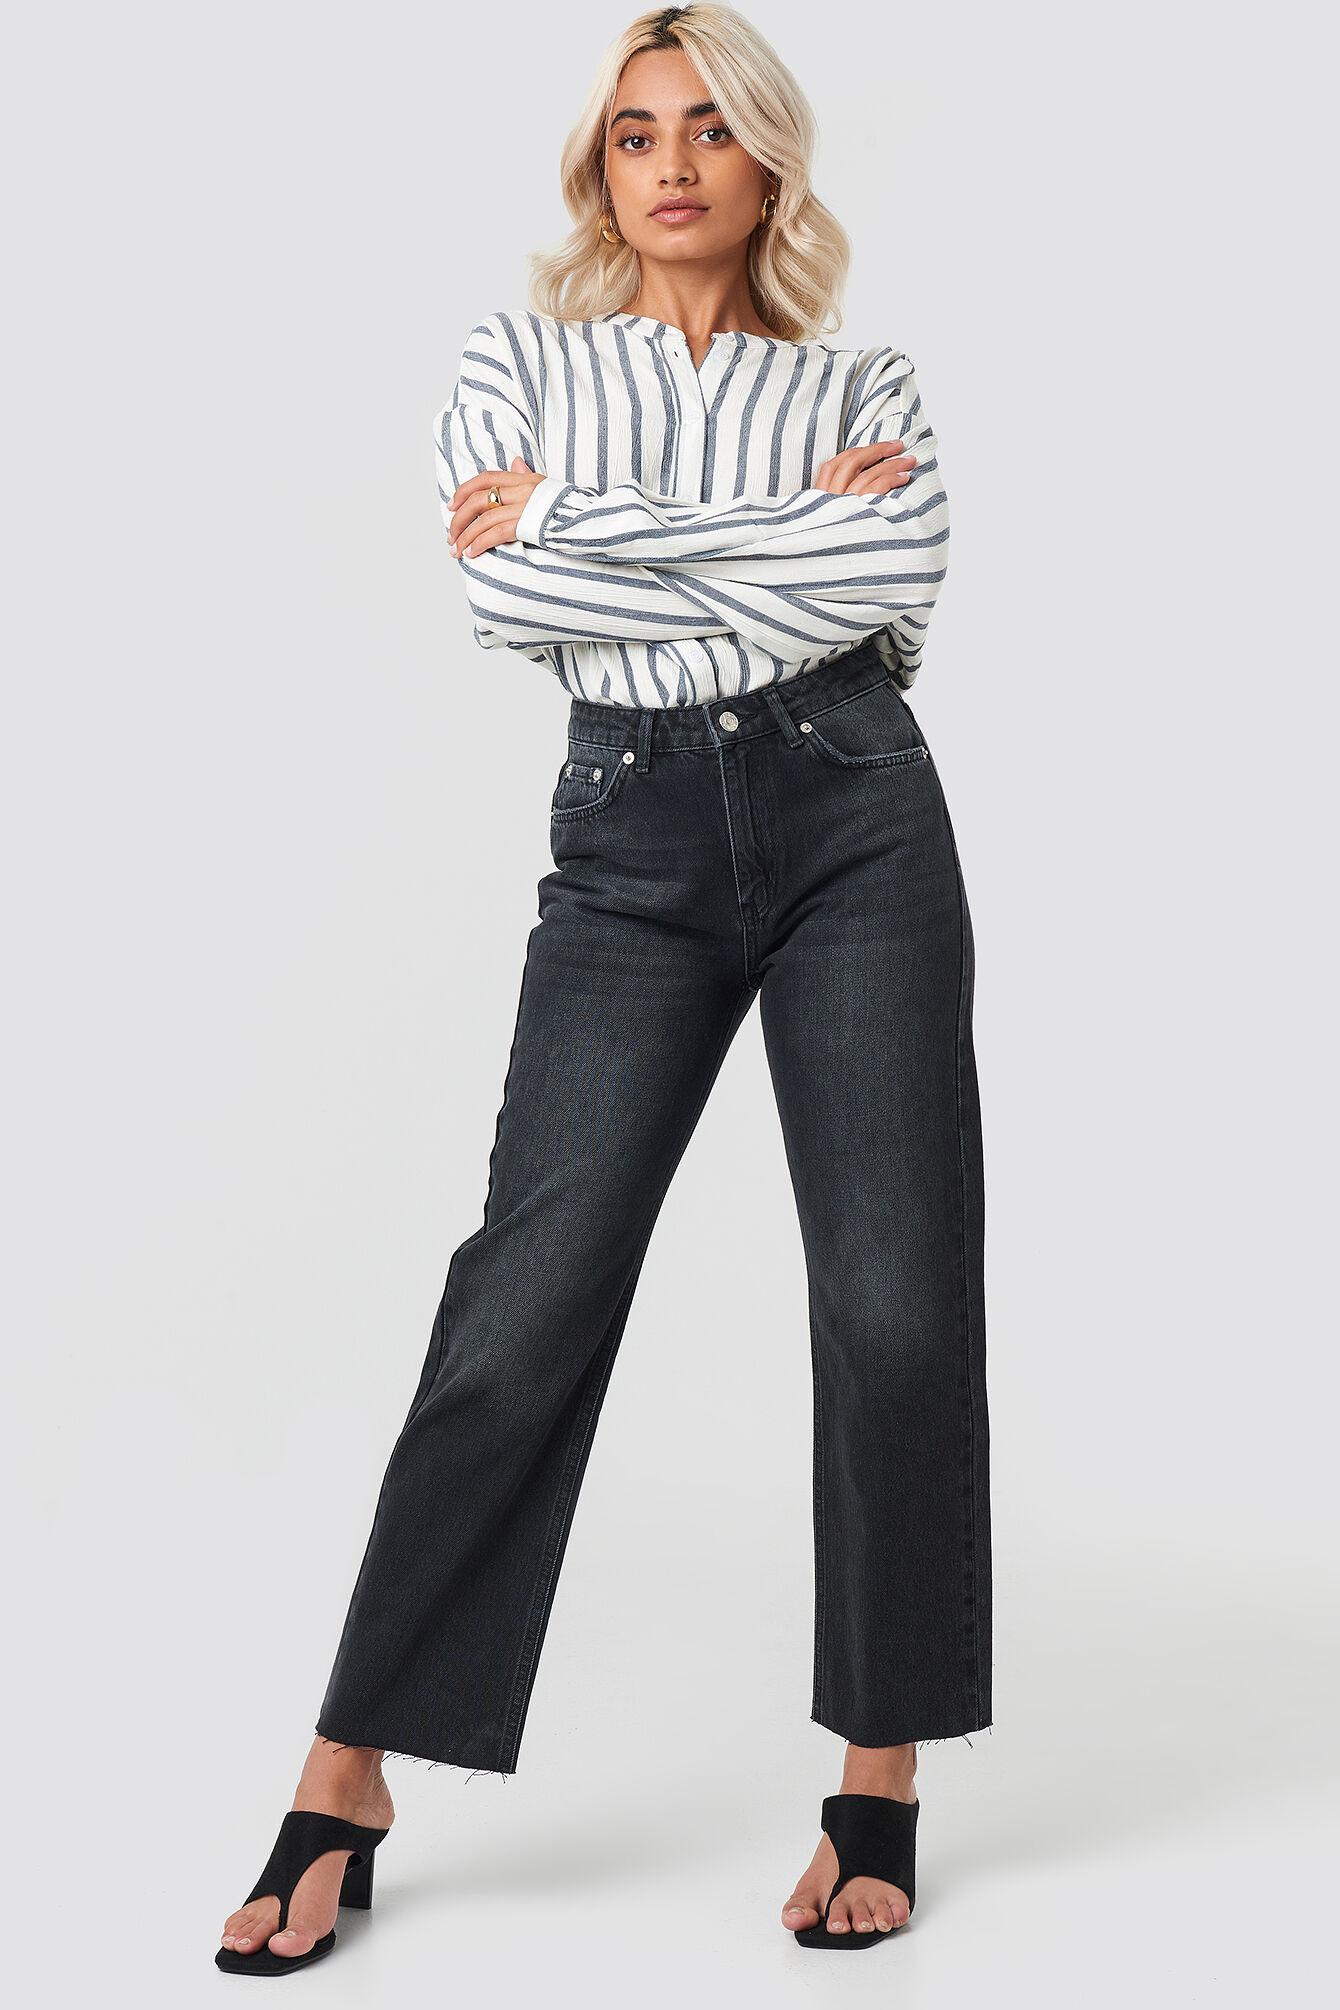 NA-KD Trend Raw Hem Straight Jeans - Black  - Size: EU 32,EU 34,EU 36,EU 38,EU 40,EU 42